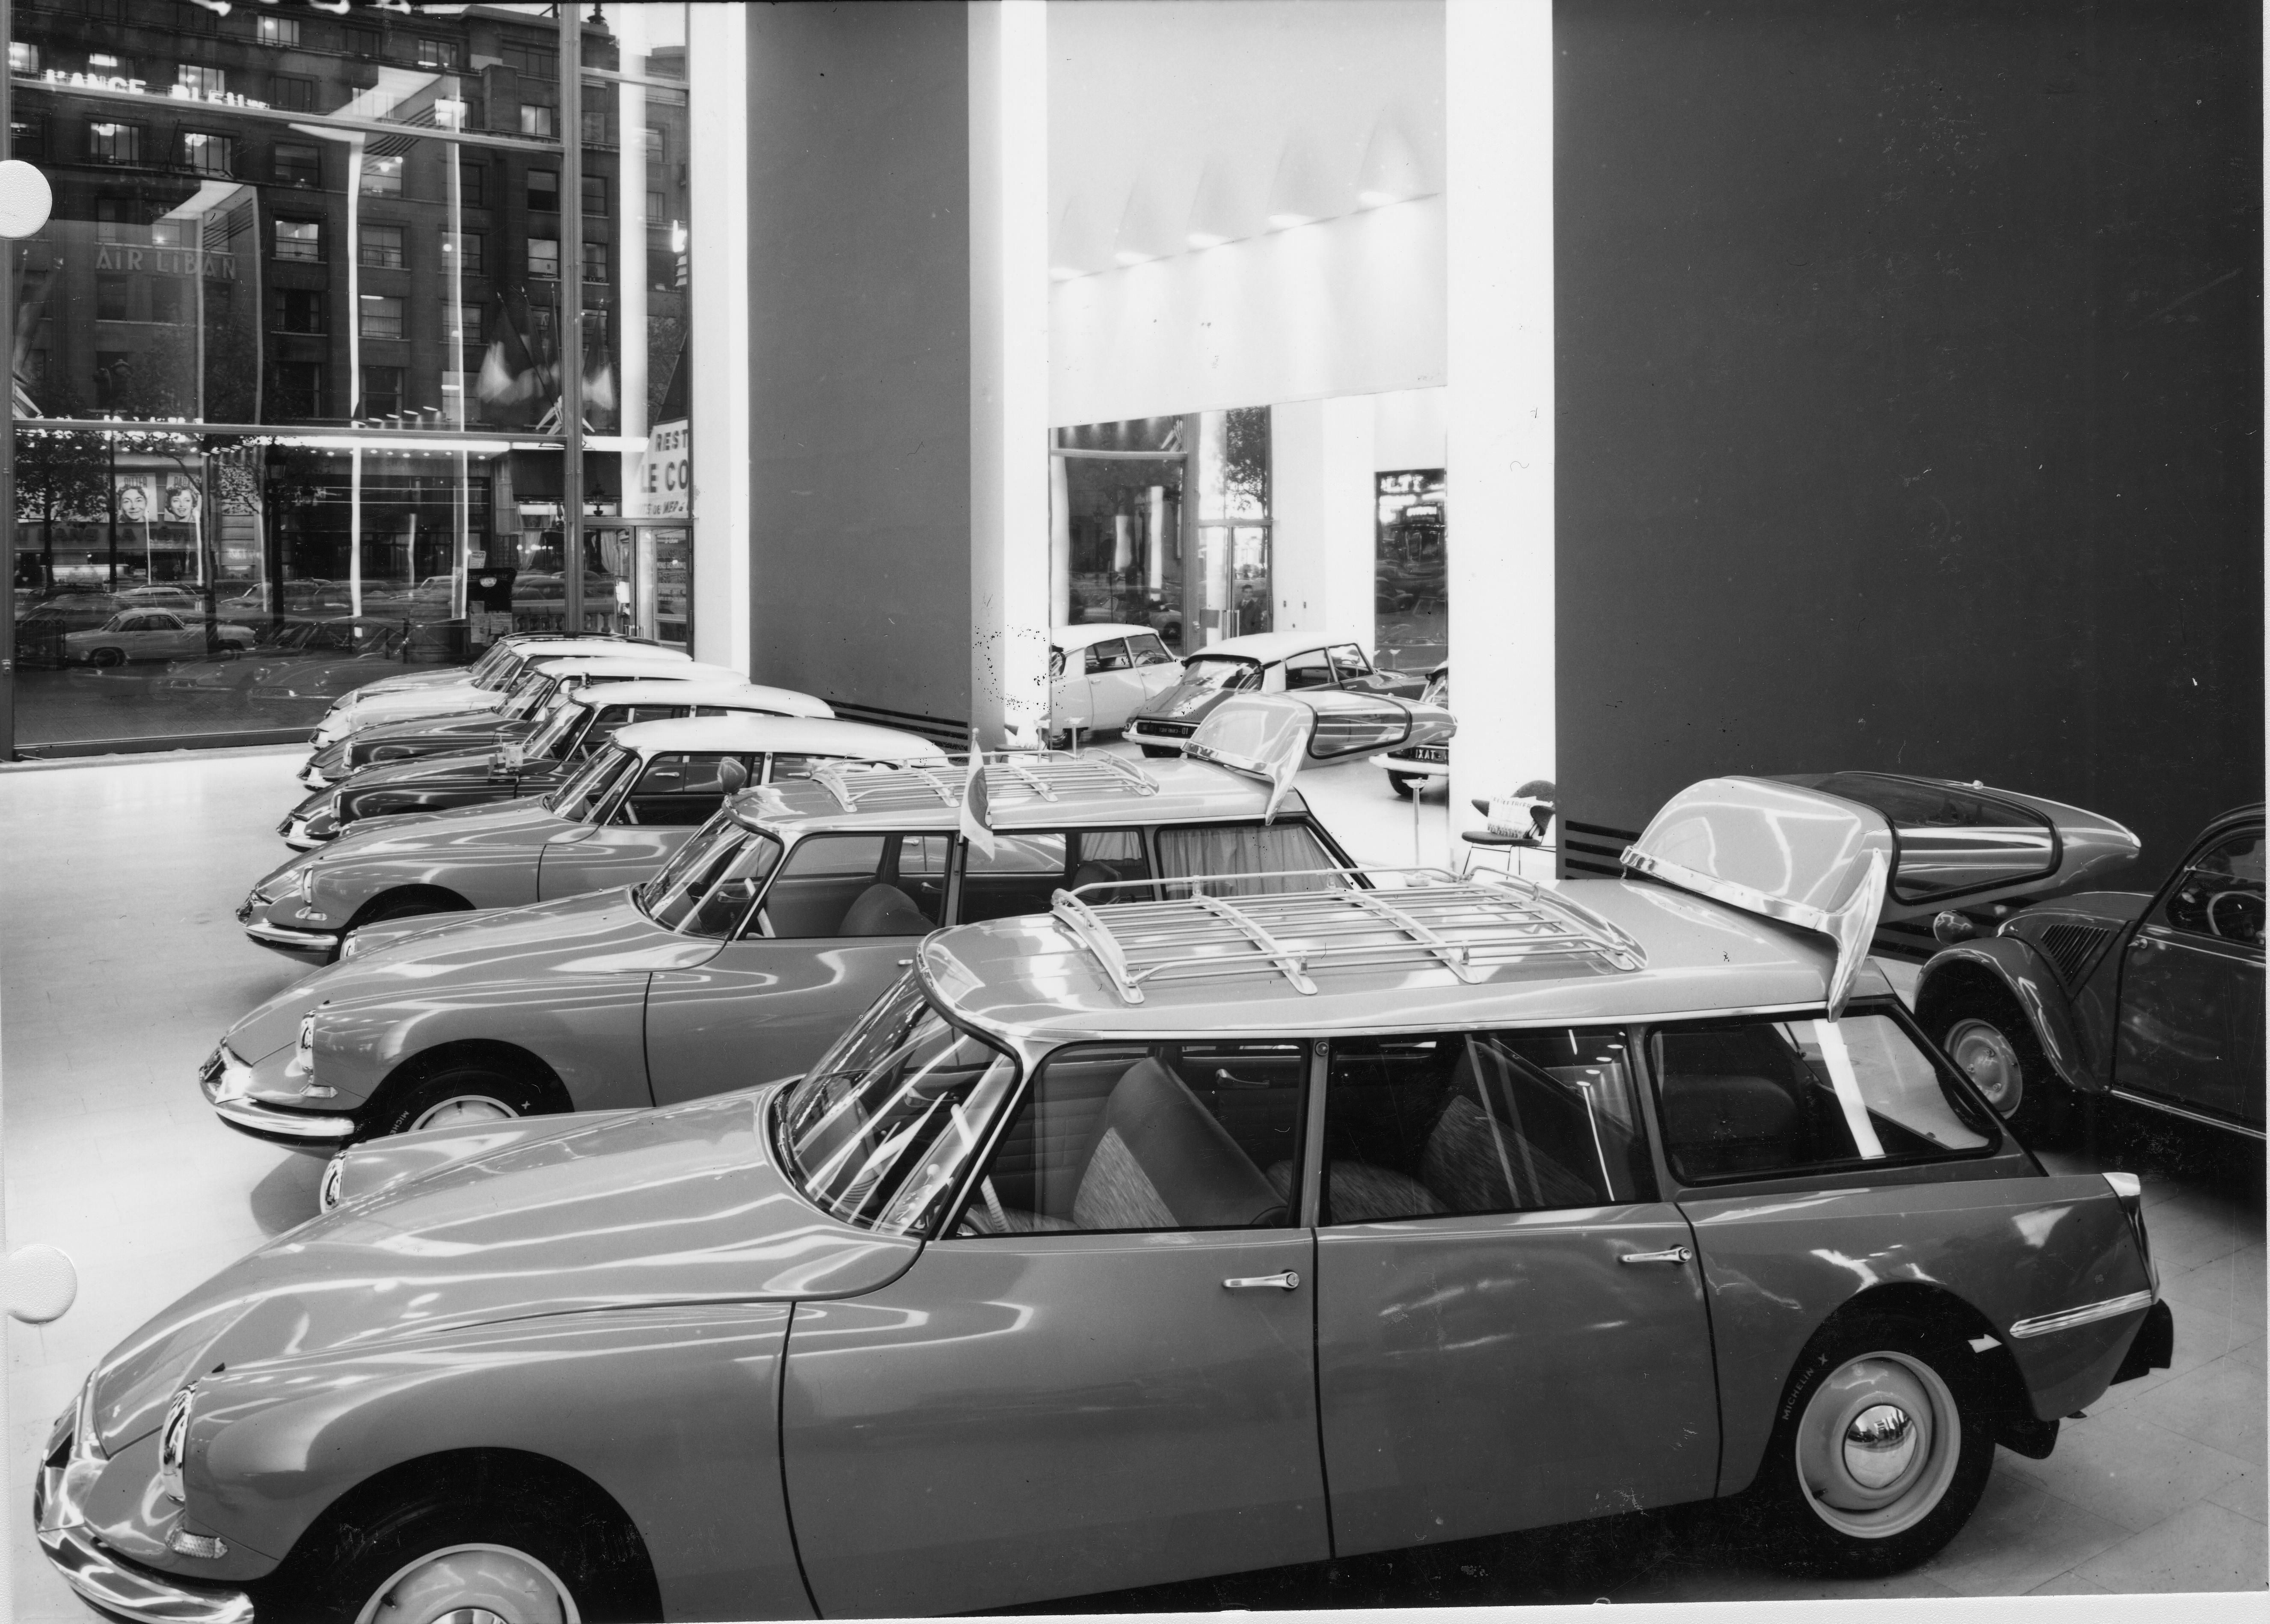 magasin des champs elys es 1959 citro n ds. Black Bedroom Furniture Sets. Home Design Ideas